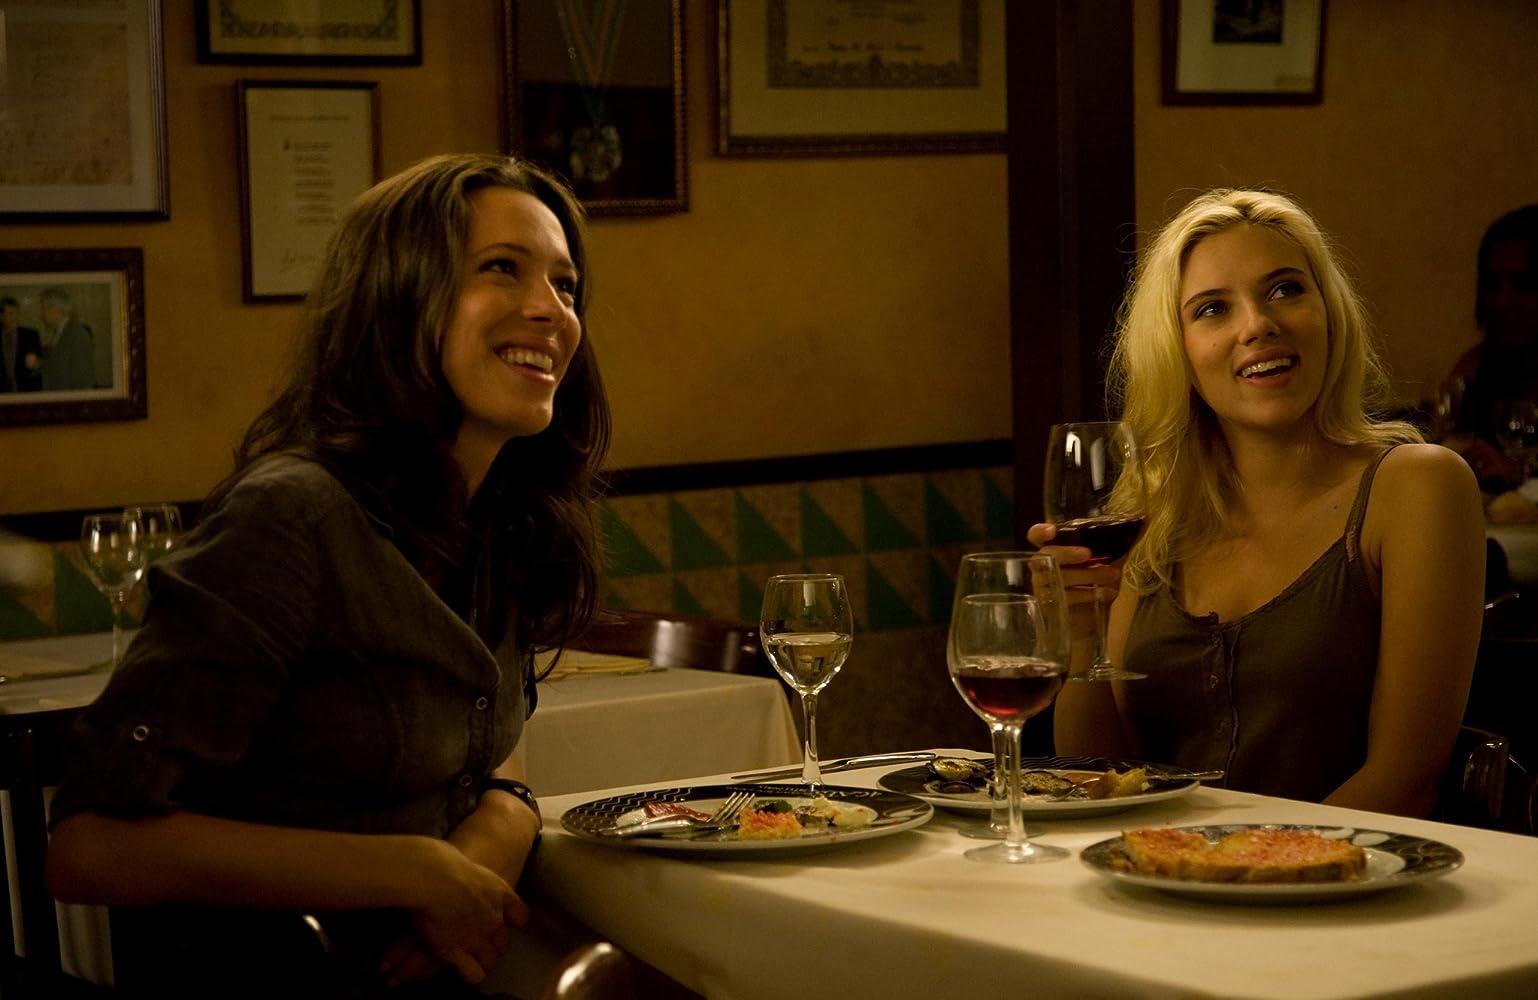 Rebecca Hall and Scarlett Johansson in Vicky Cristina Barcelona (2008)